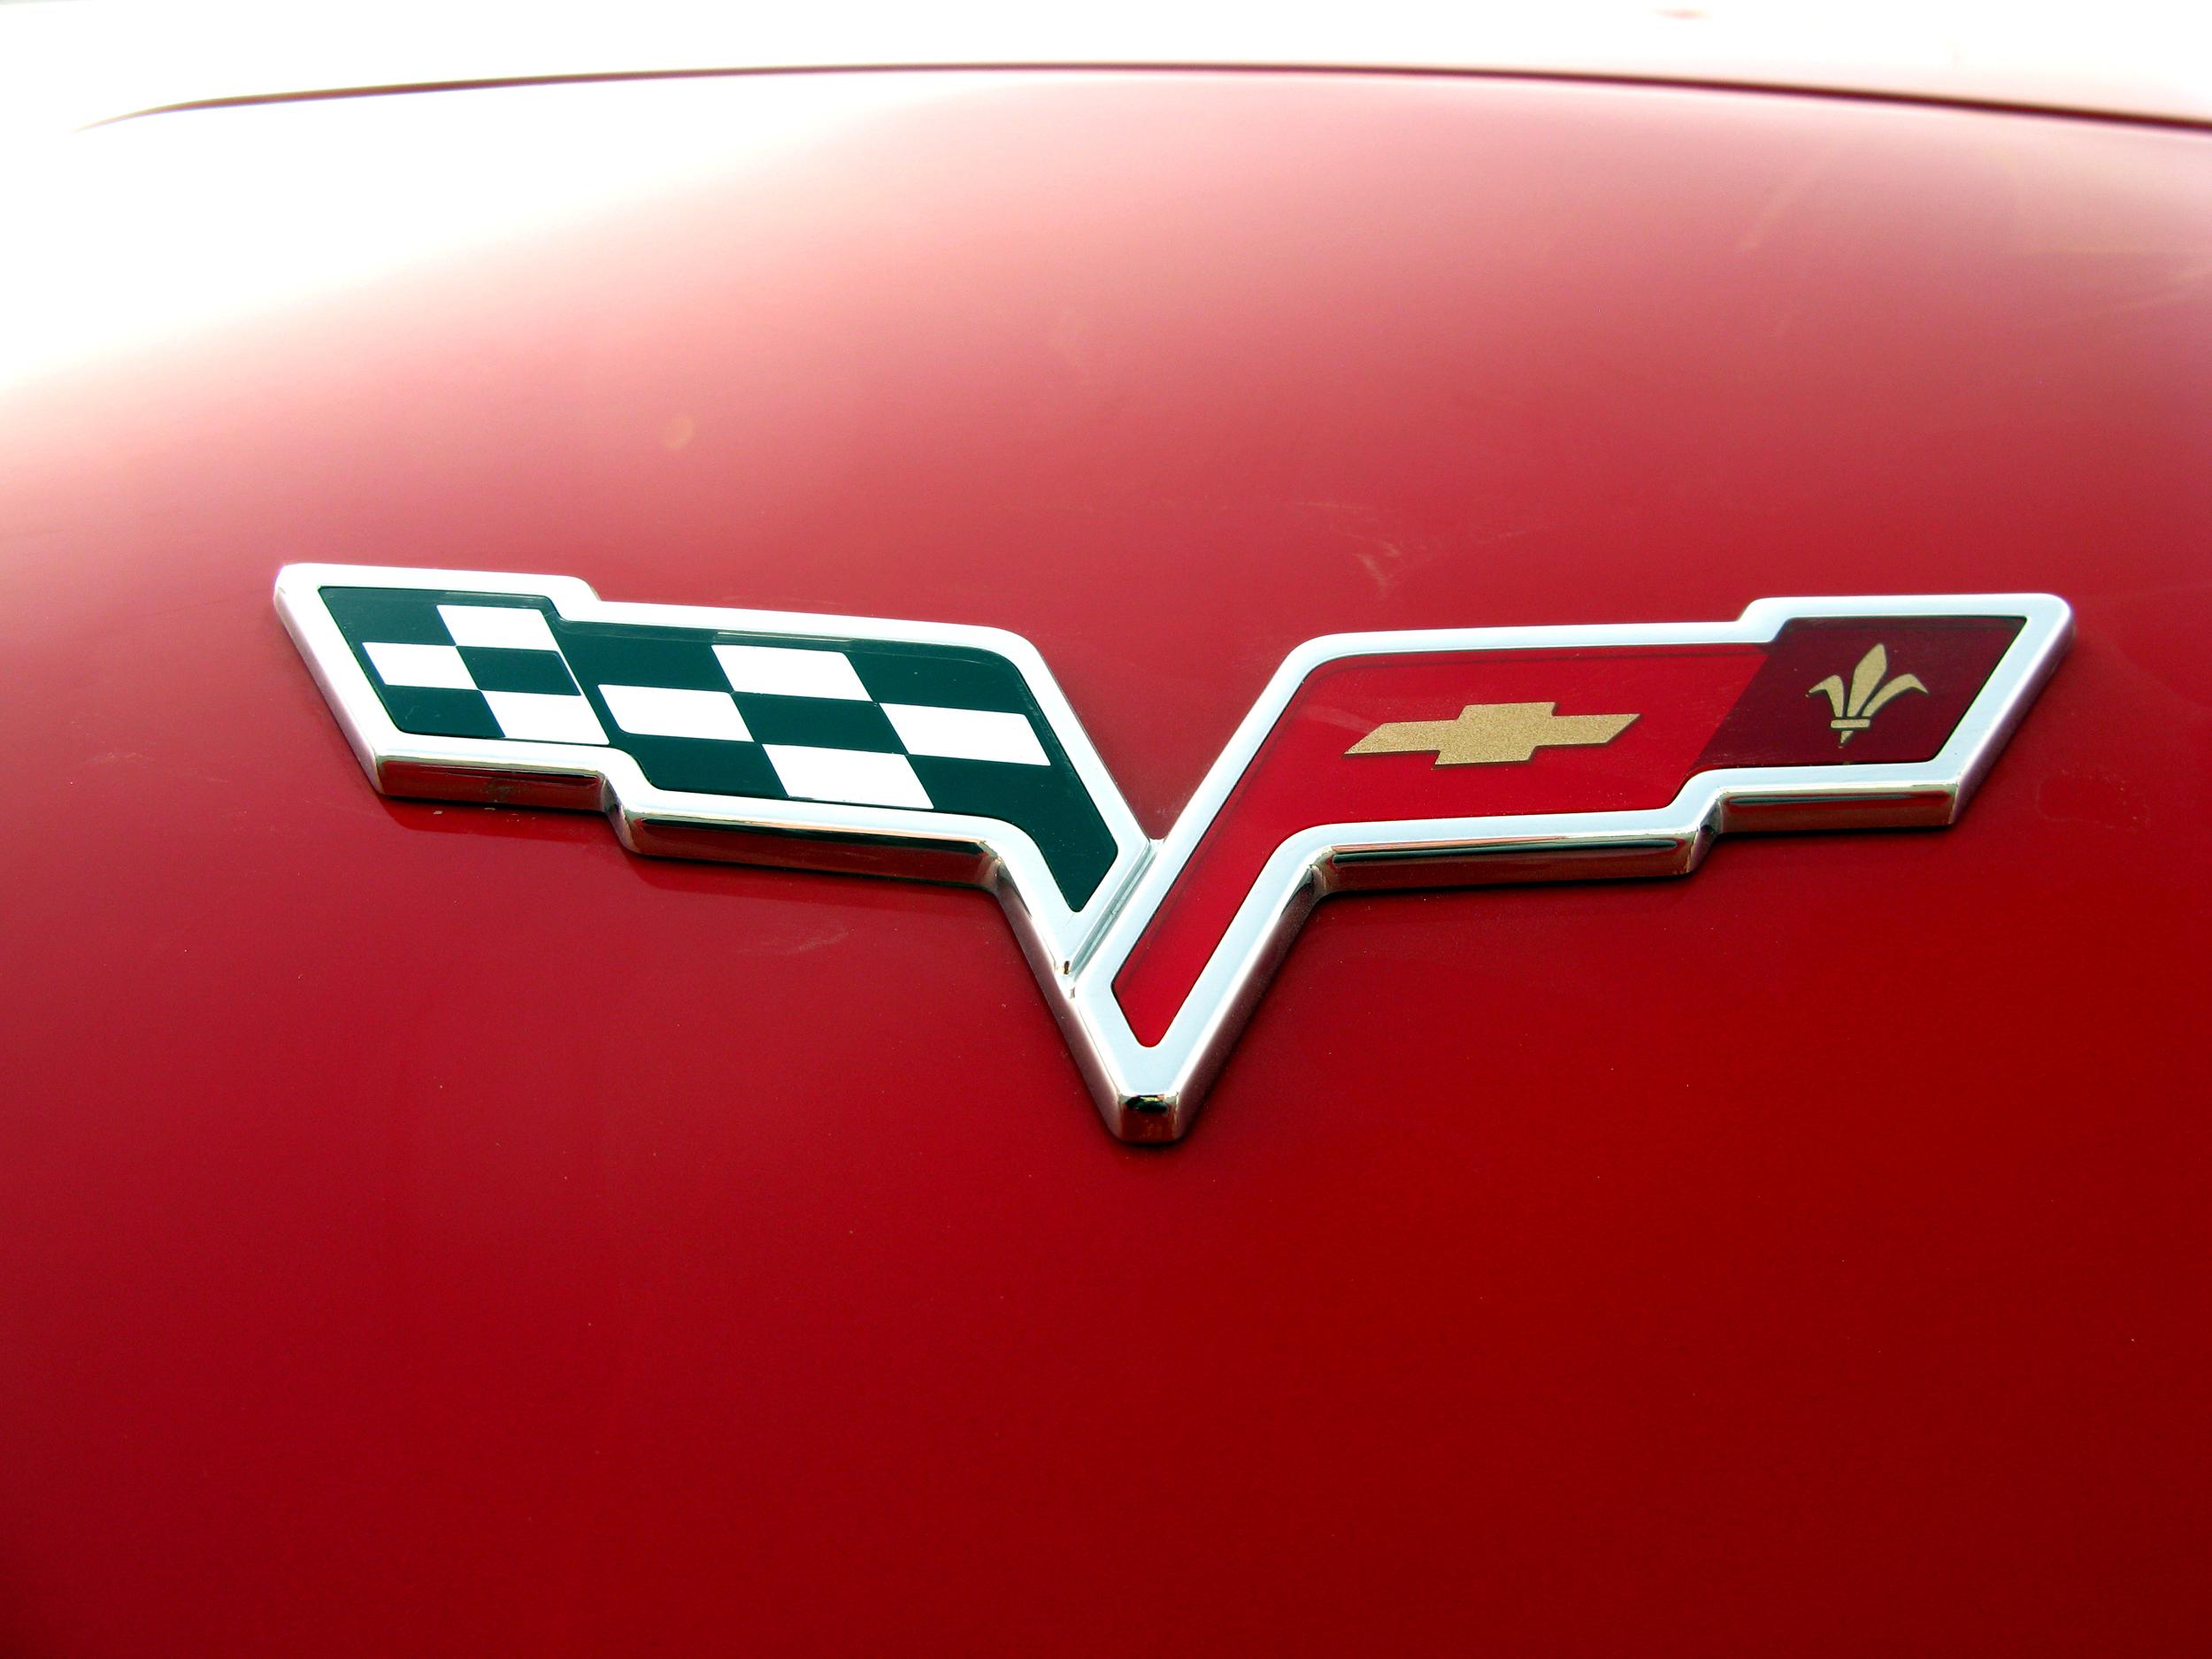 Painting Car Emblems With Nail Polish